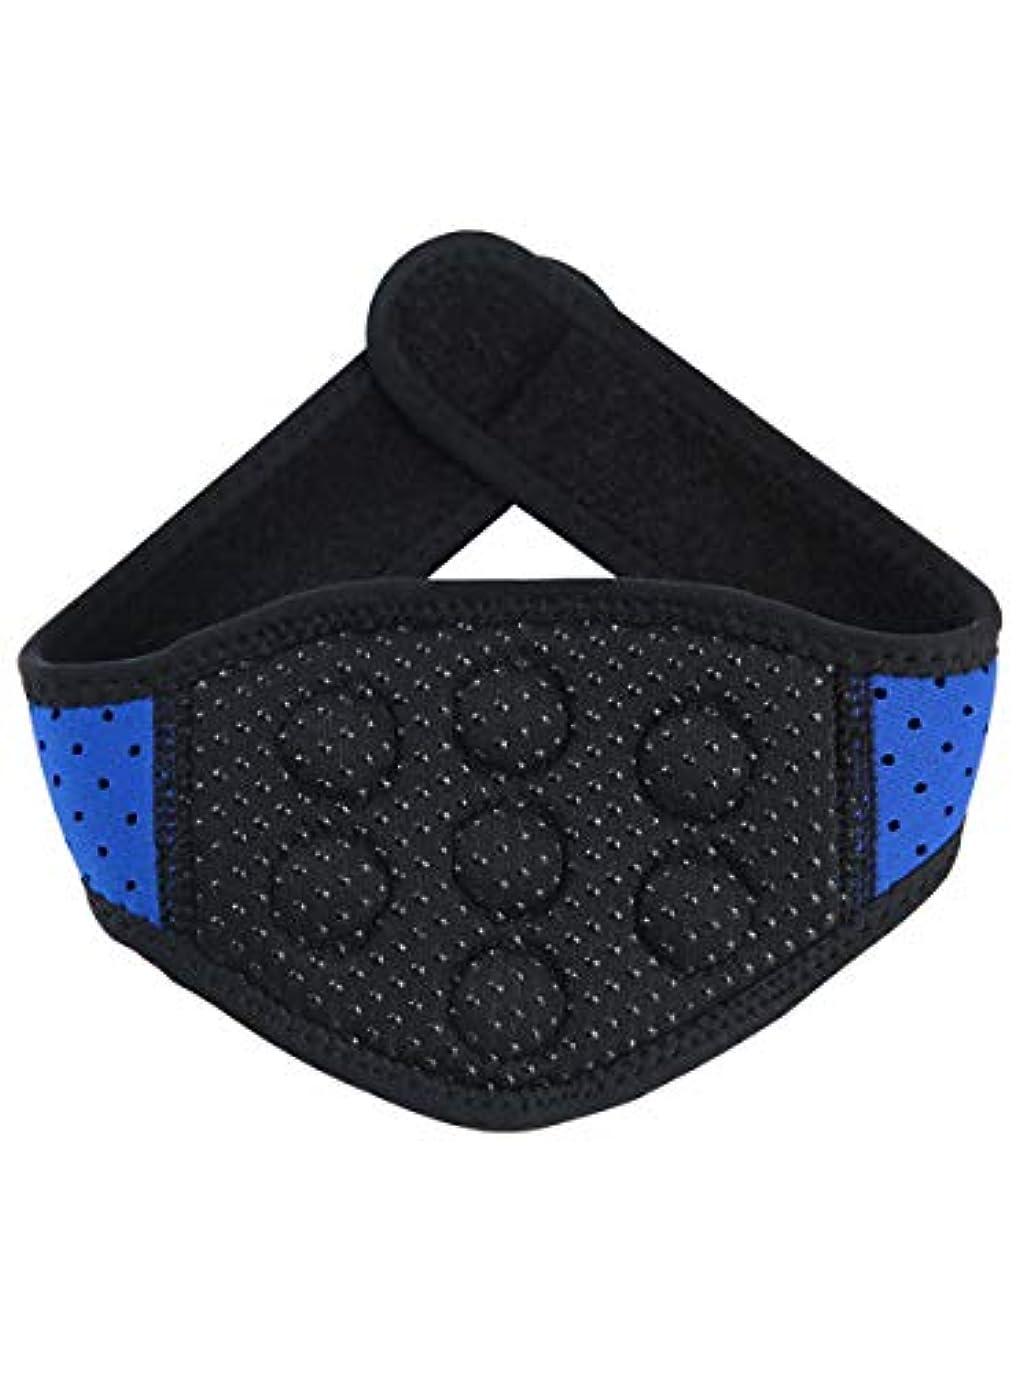 データベース生きる強盗体を温めて首の頚椎の首を保護して保温して熱をつけて磁気療法の磁気治療の頸の頸椎の首を持って首の骨を持って大人の快適な男の人の家庭用です [並行輸入品]